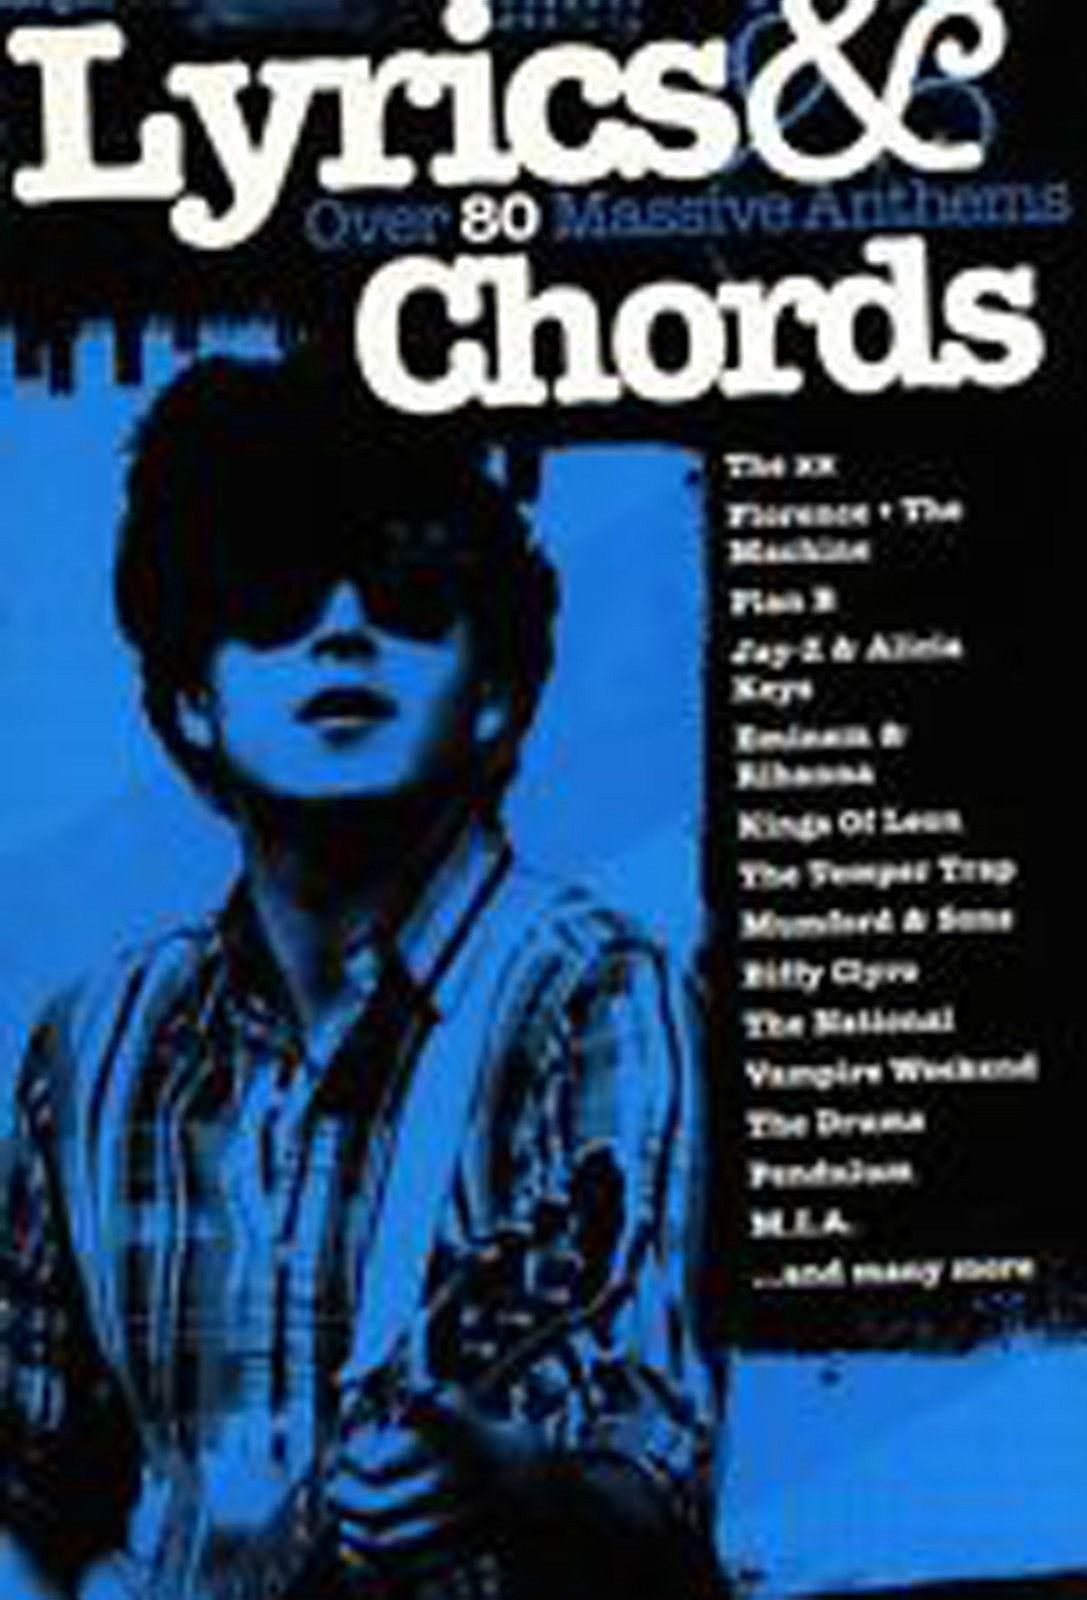 Lyrics & Chords Massive Anthems Guitar Book B51